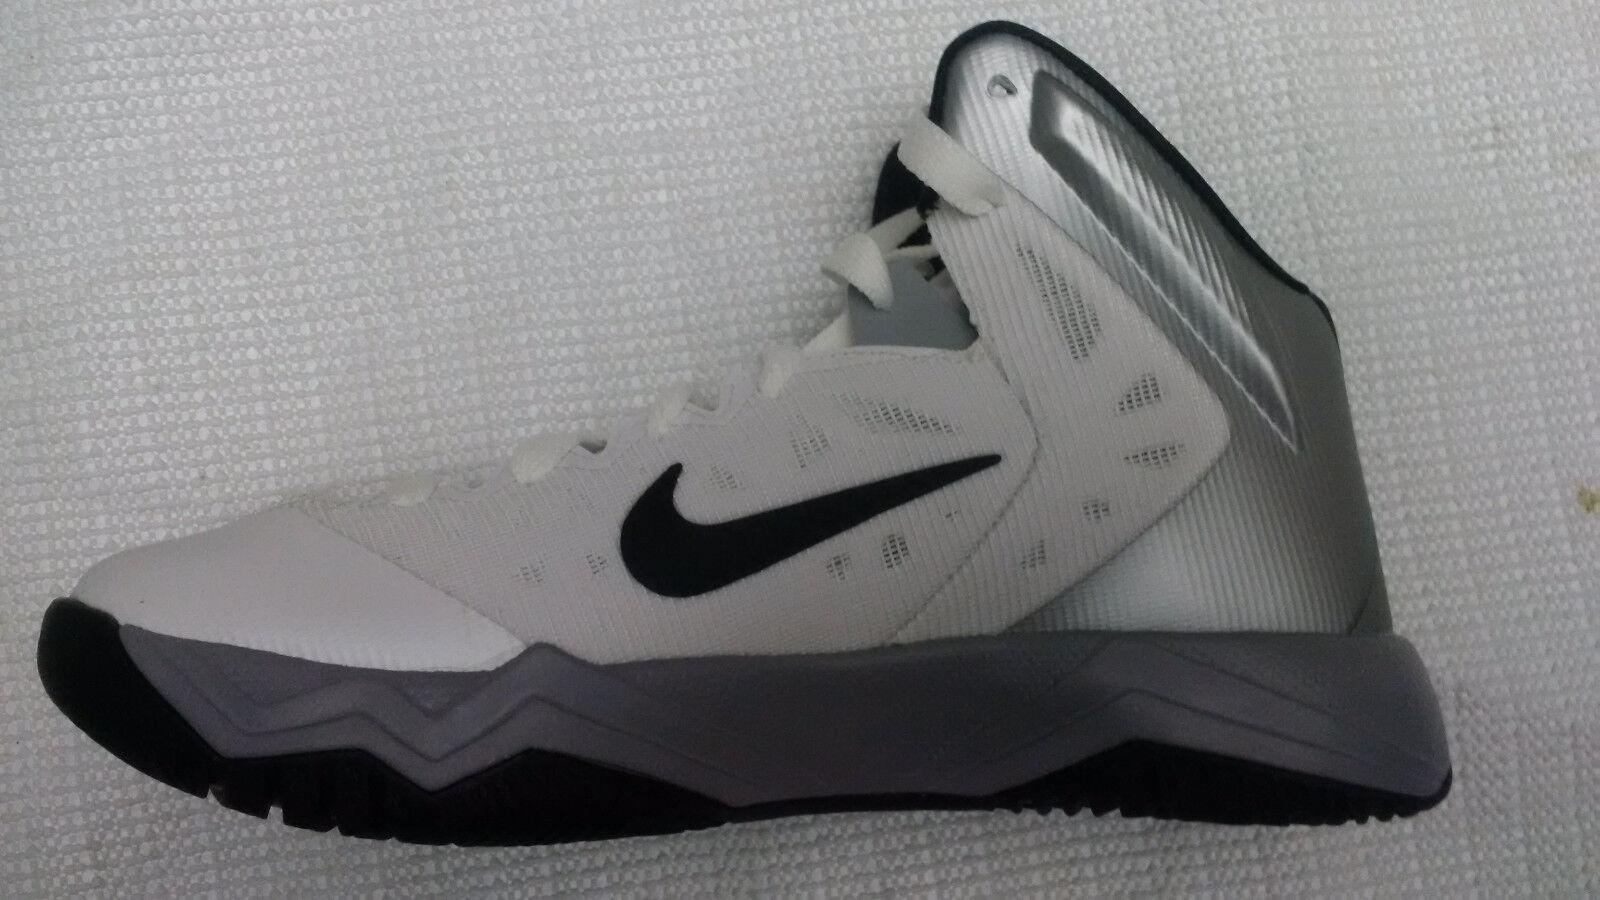 Nike Hiper Quickness (Equipo) para Dama Zapatilla Baloncesto,Estilo